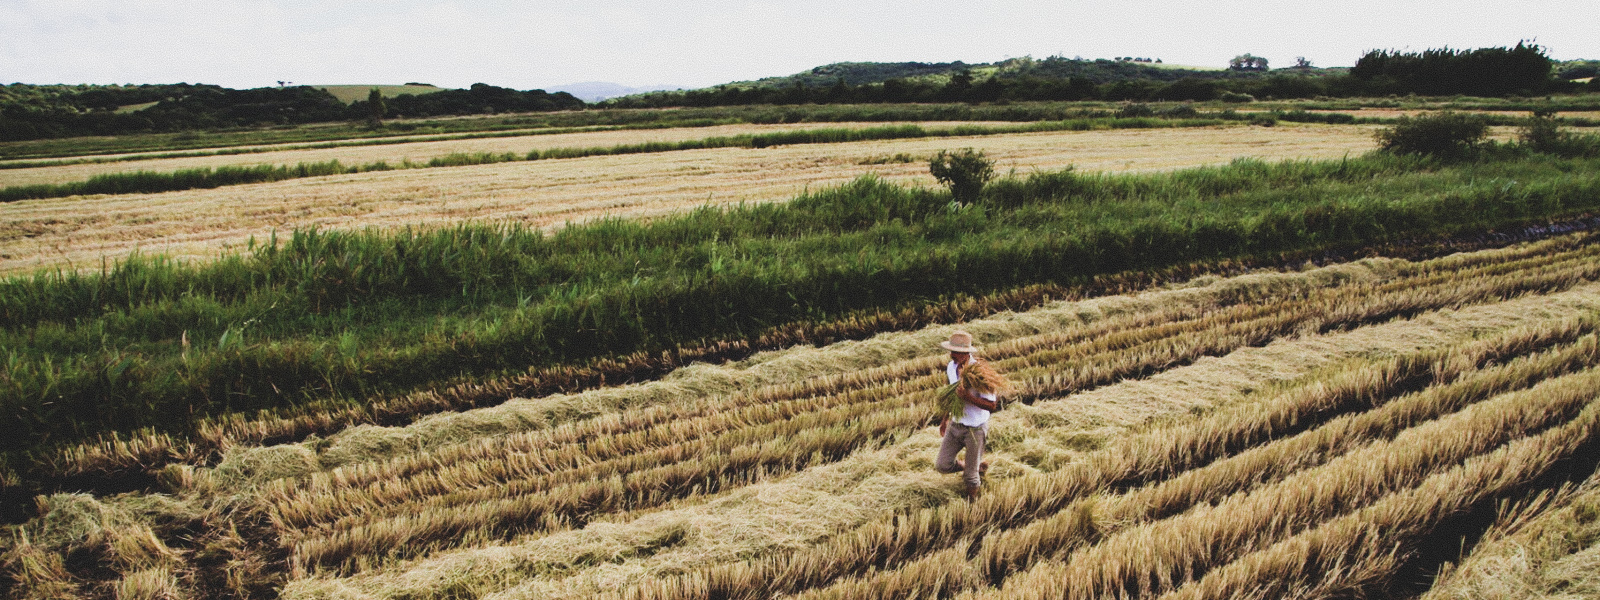 Biodynamic farming